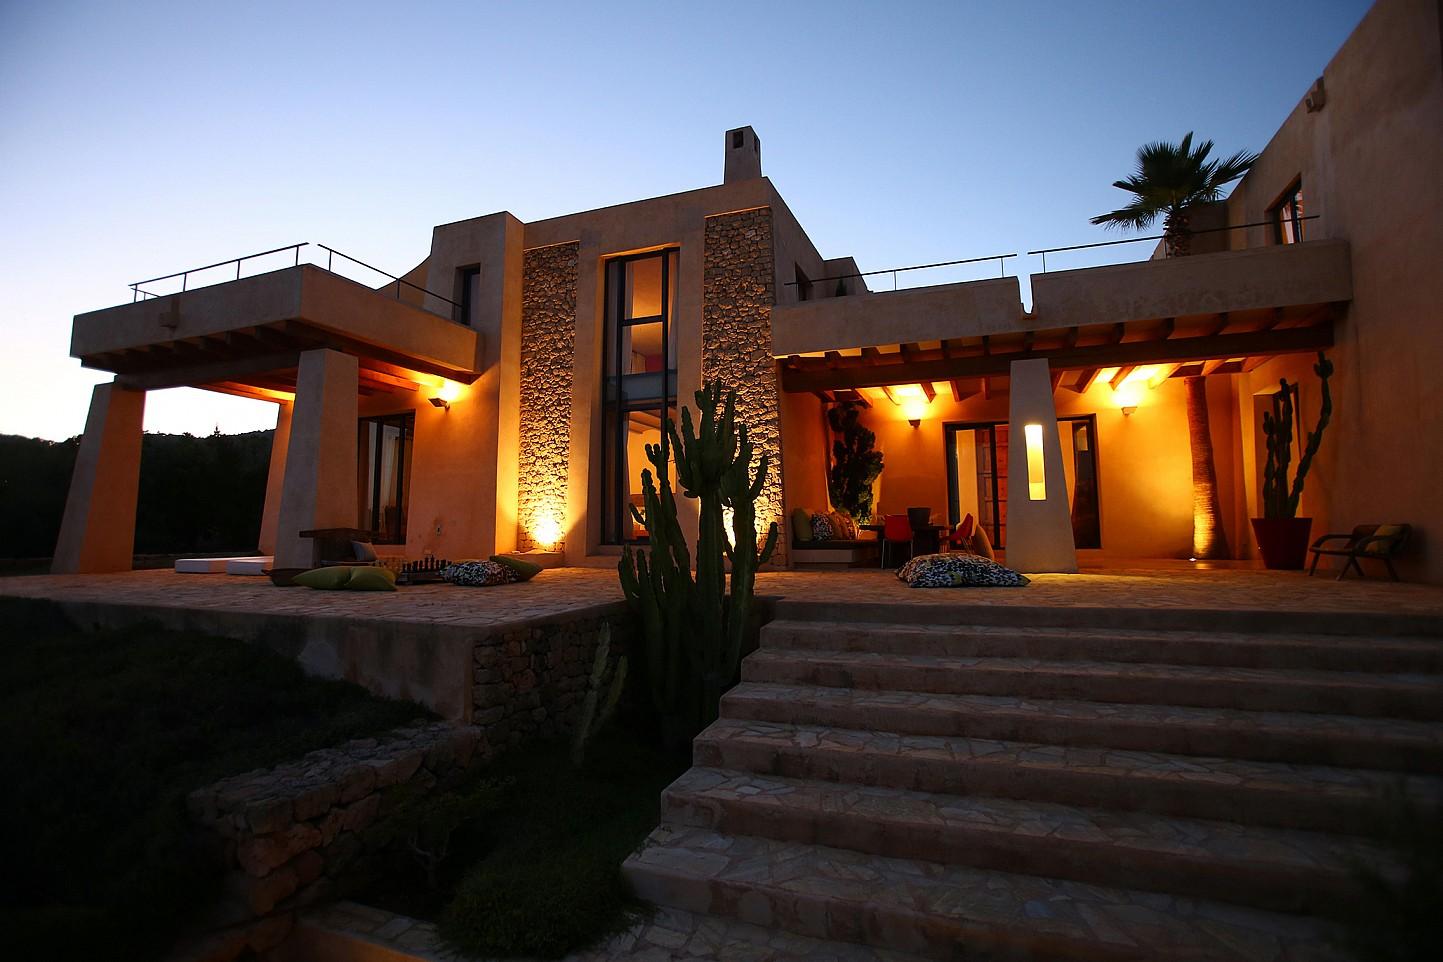 Magnífica iluminación de la casa